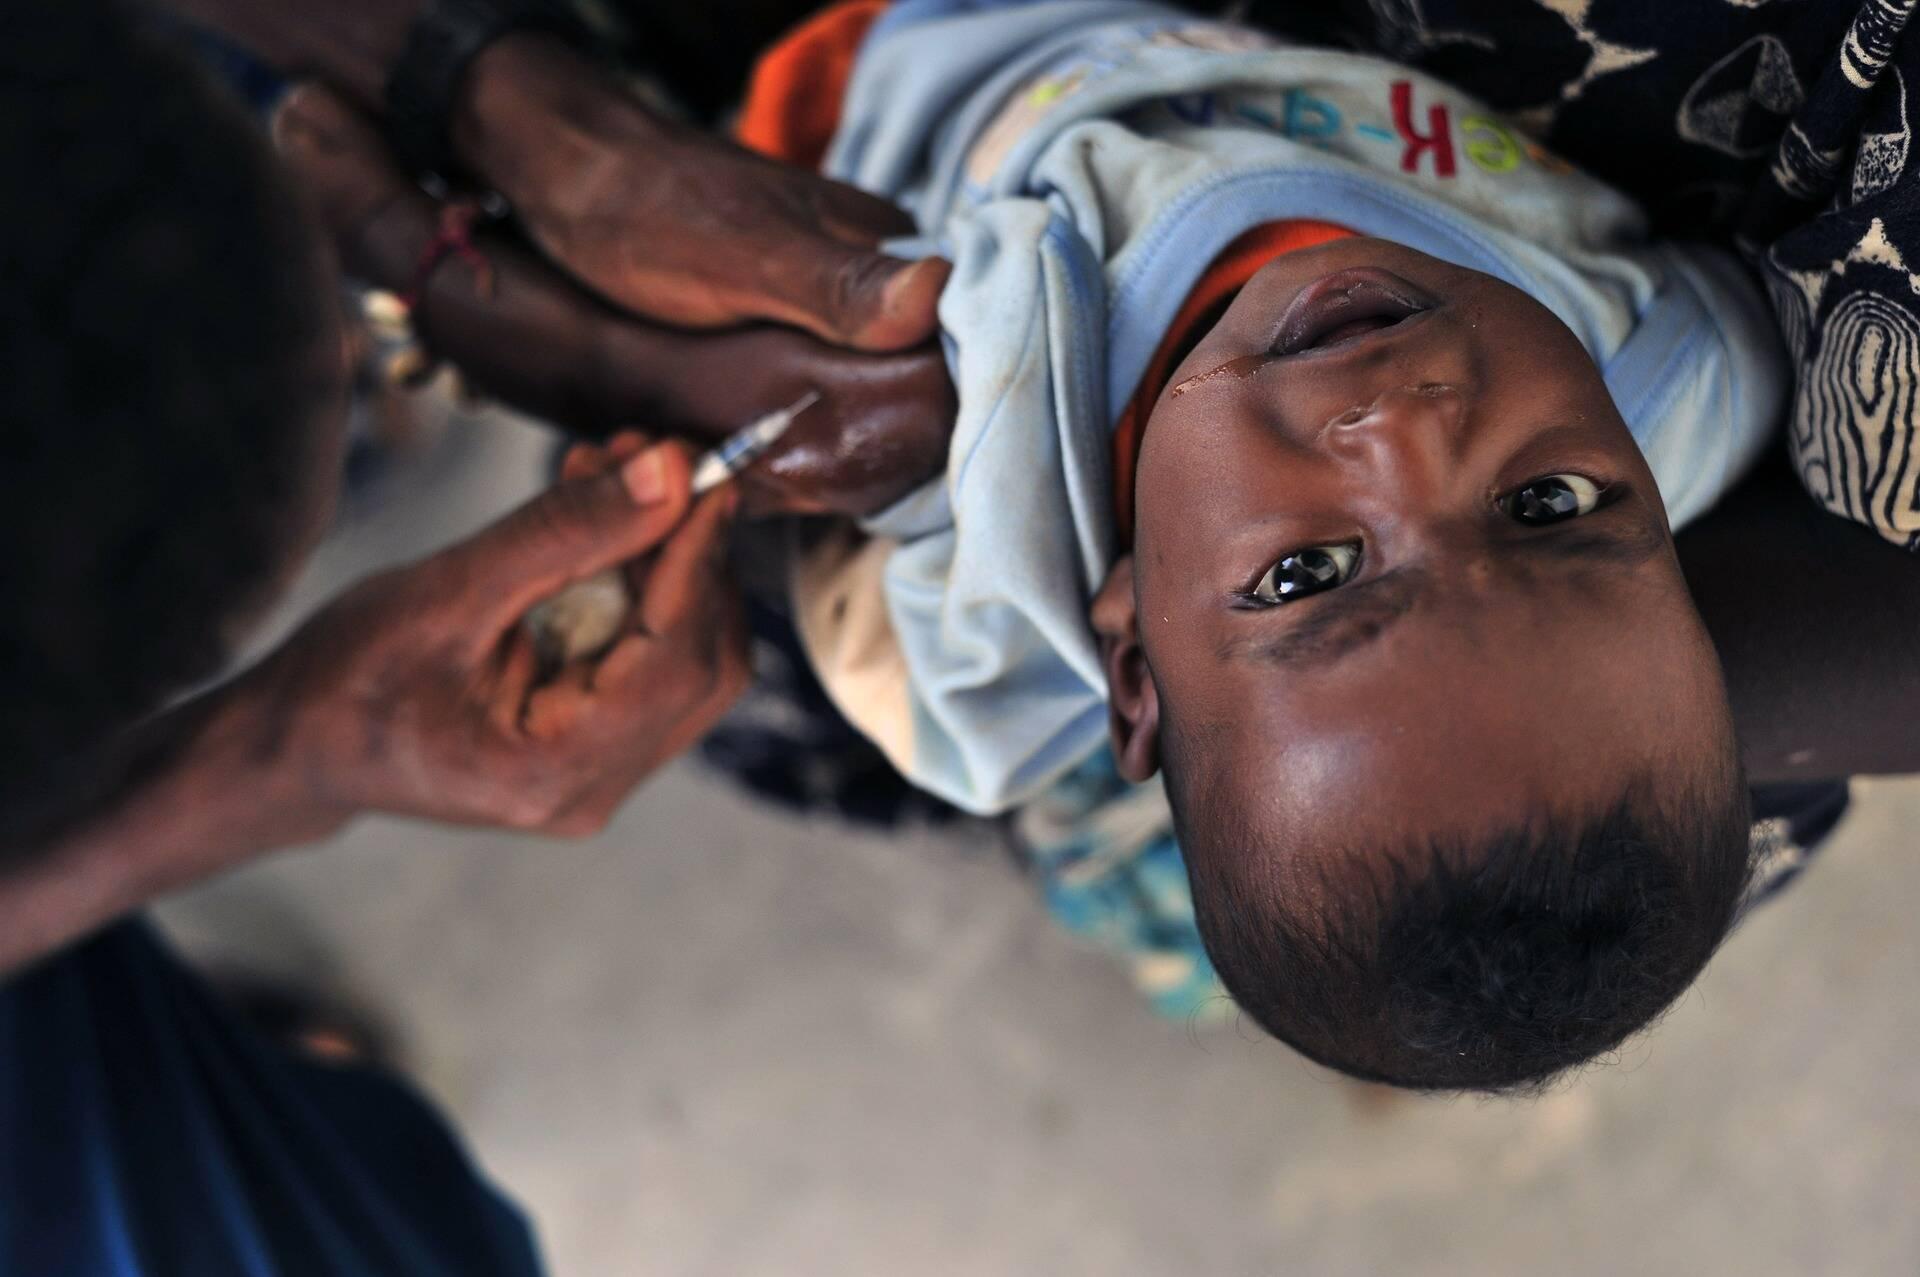 Durante a pandemia, cerca de 1 milhão de crianças não foram vacinadas